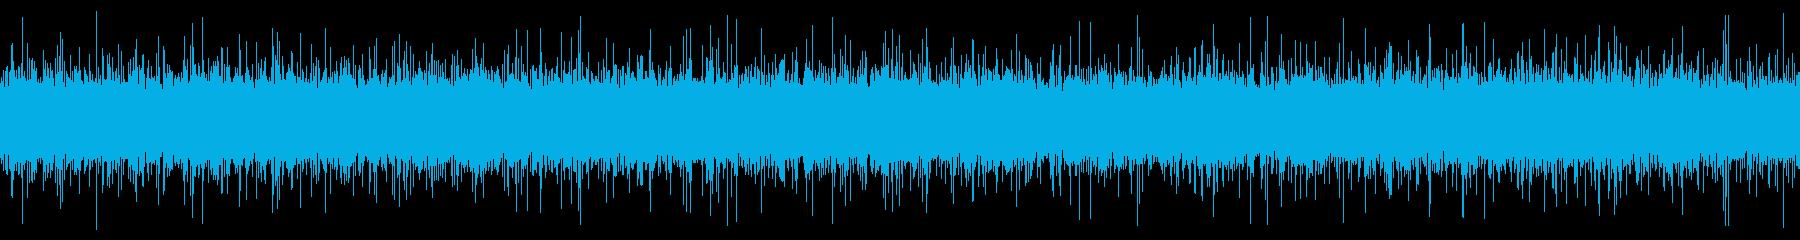 用水路の音【田舎、秋、昼、近距離】ループの再生済みの波形